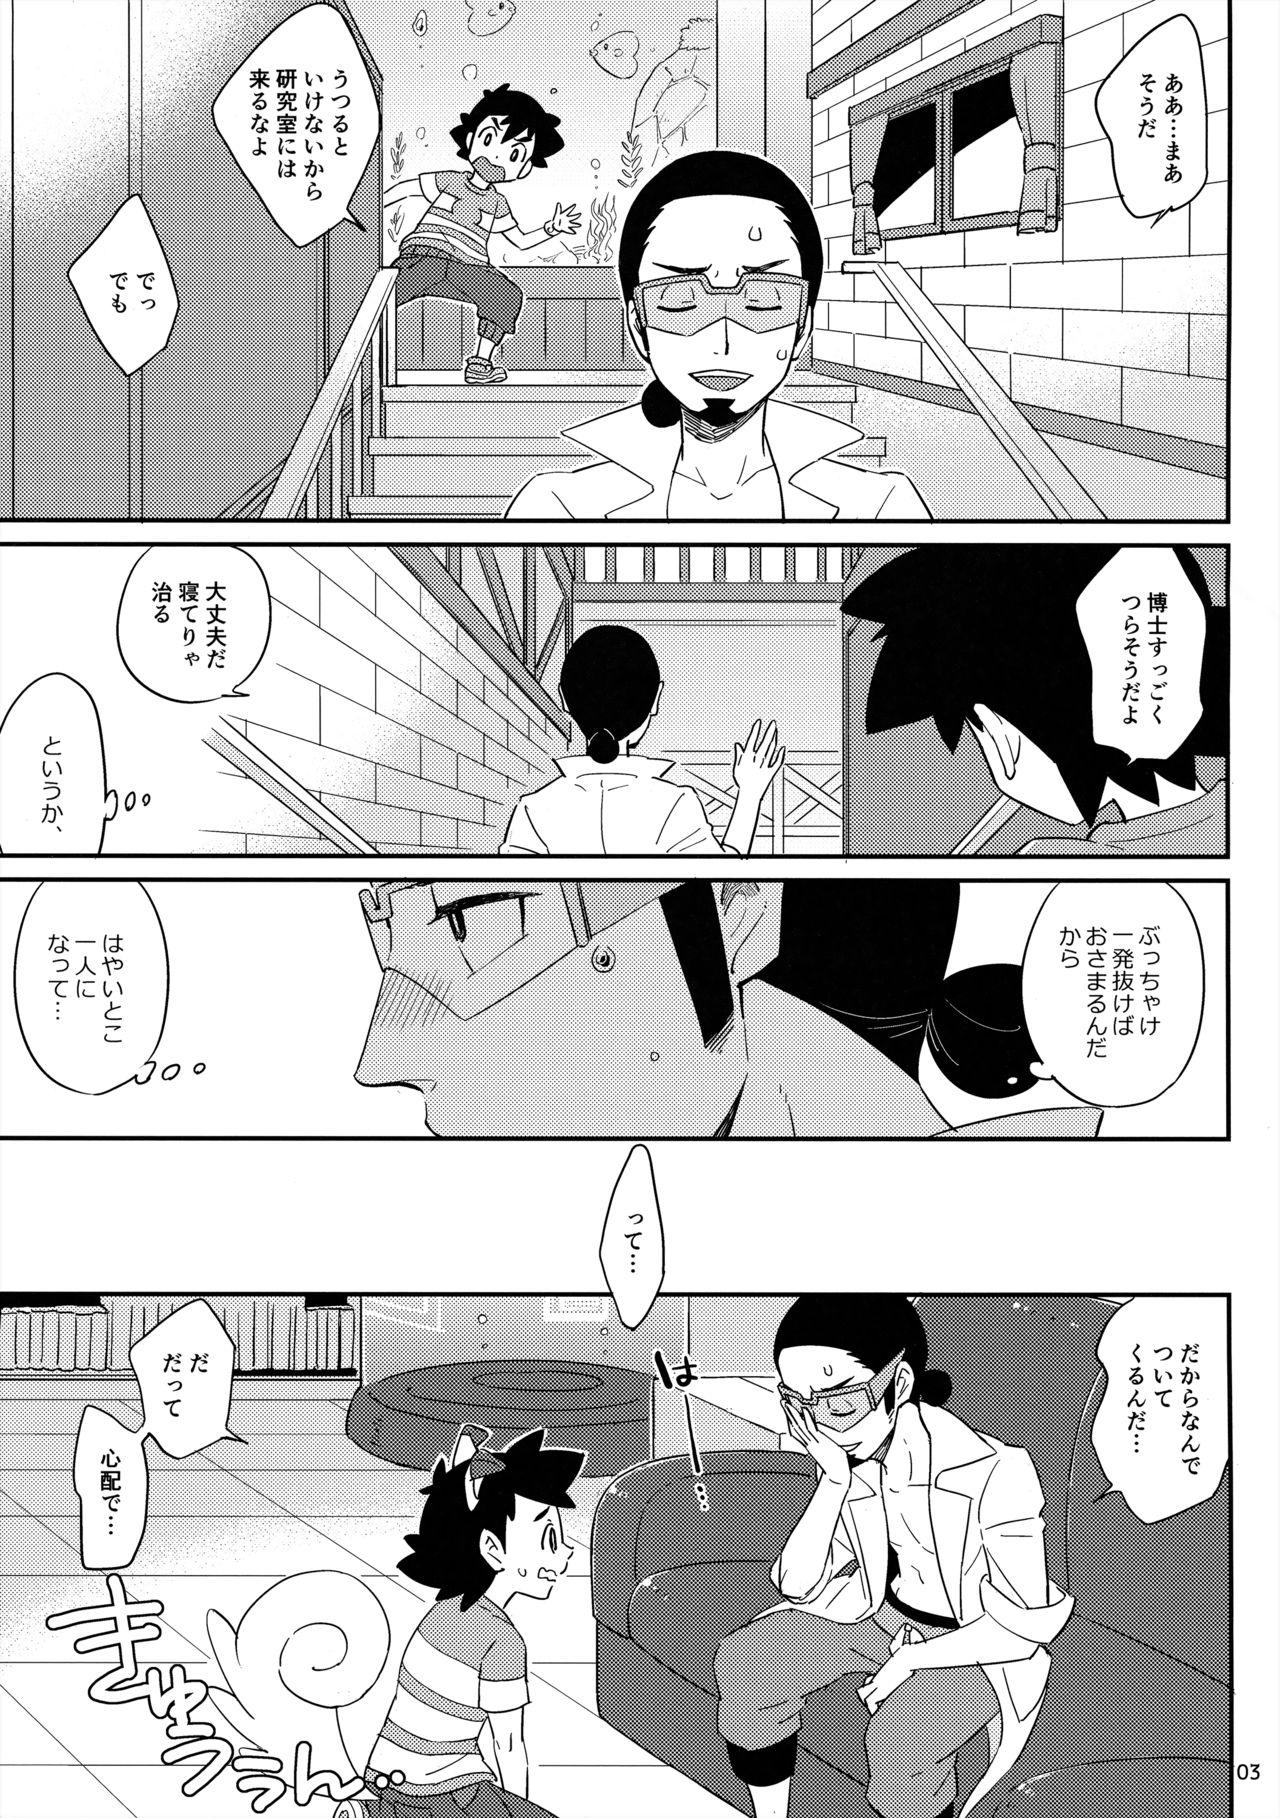 Okaerinasai no Sono Ato wa 2